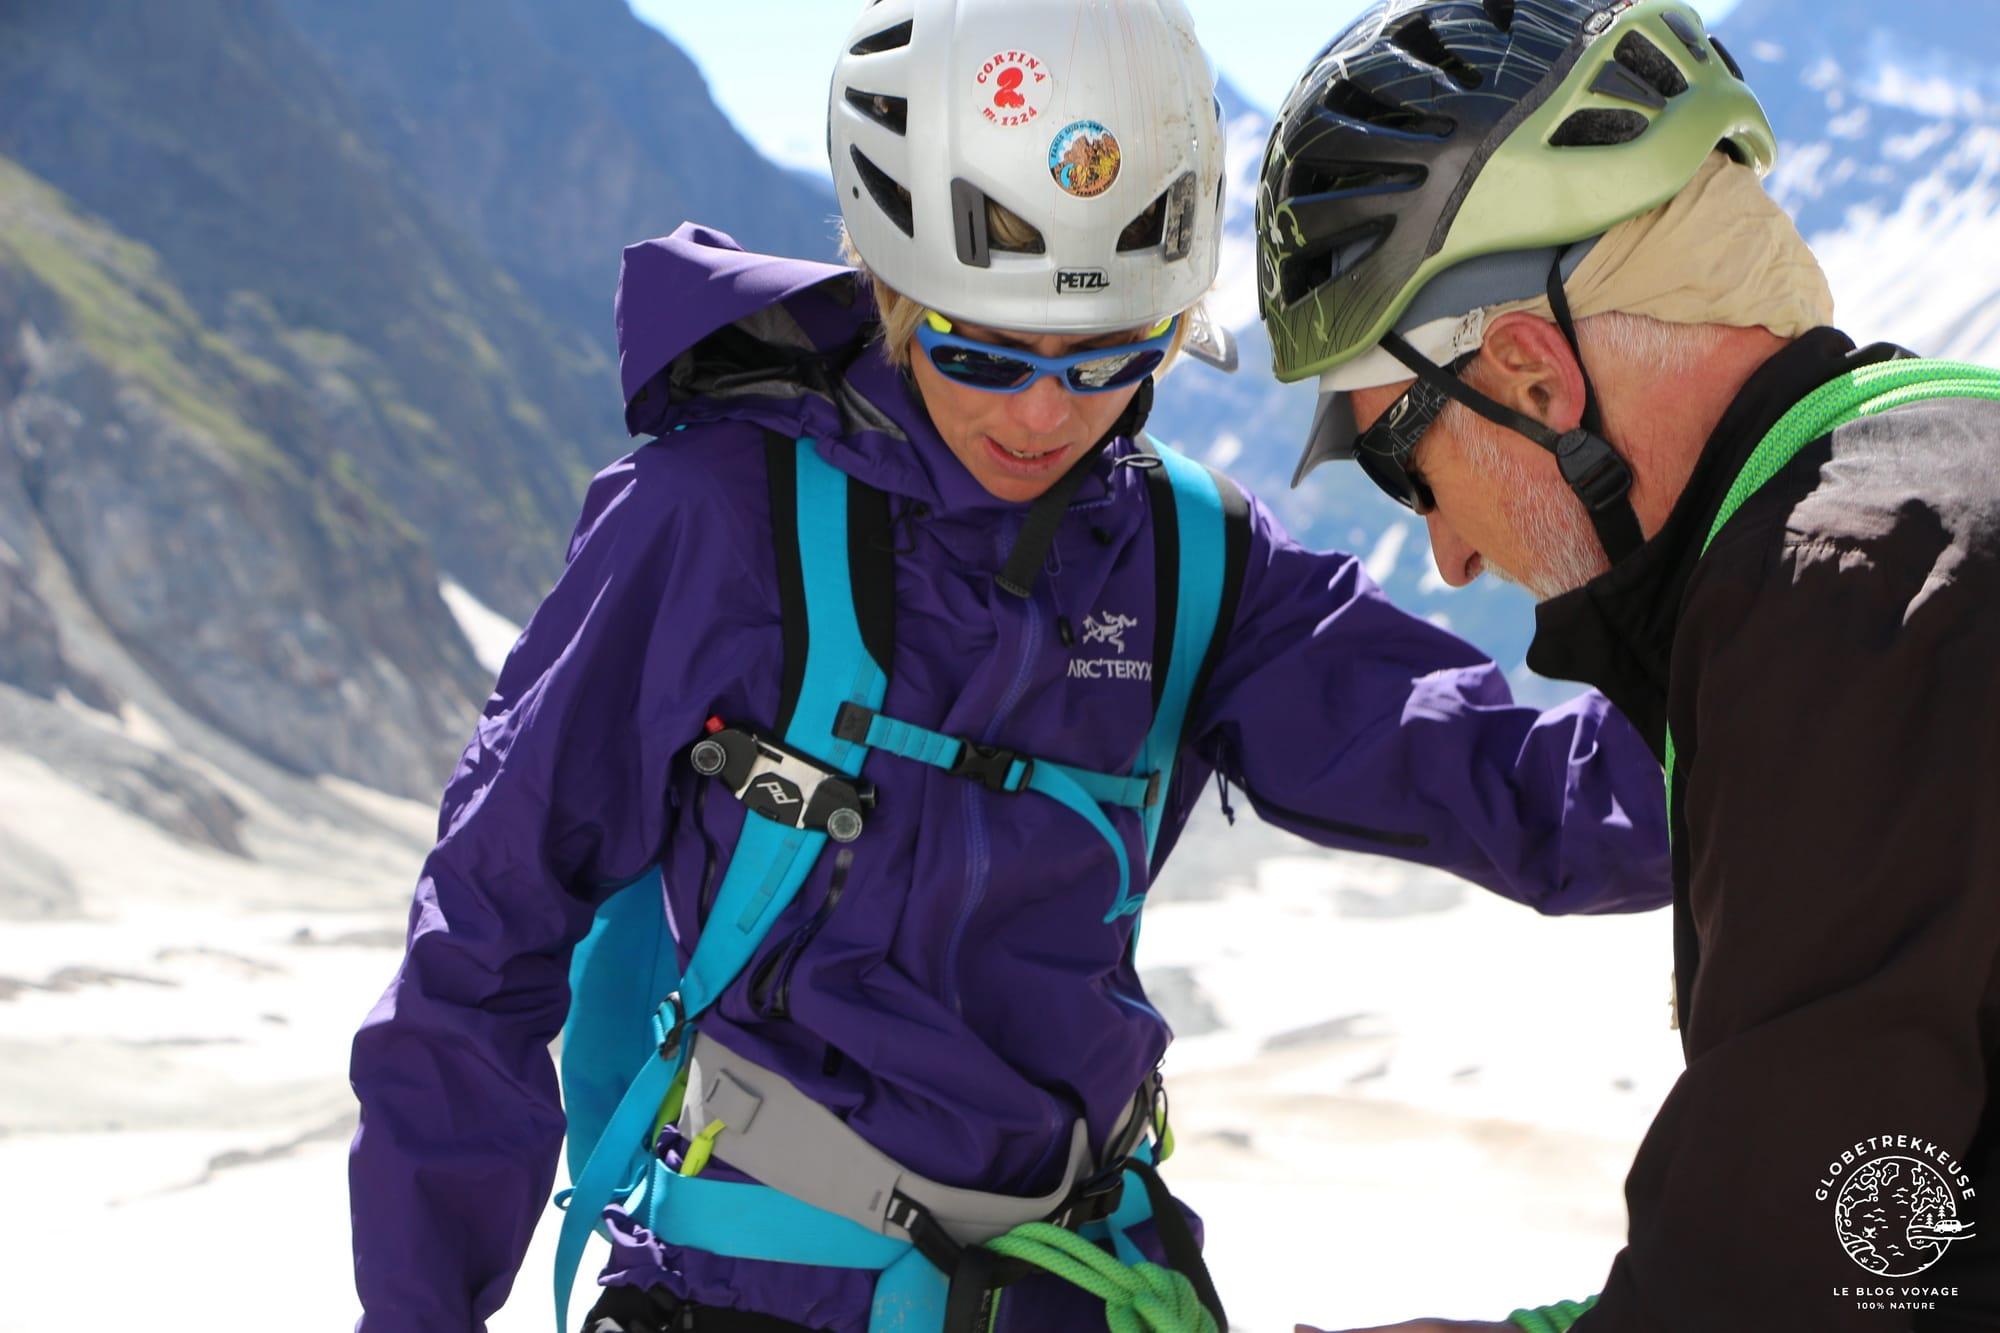 veste arc'teryx beta femme alpinisme